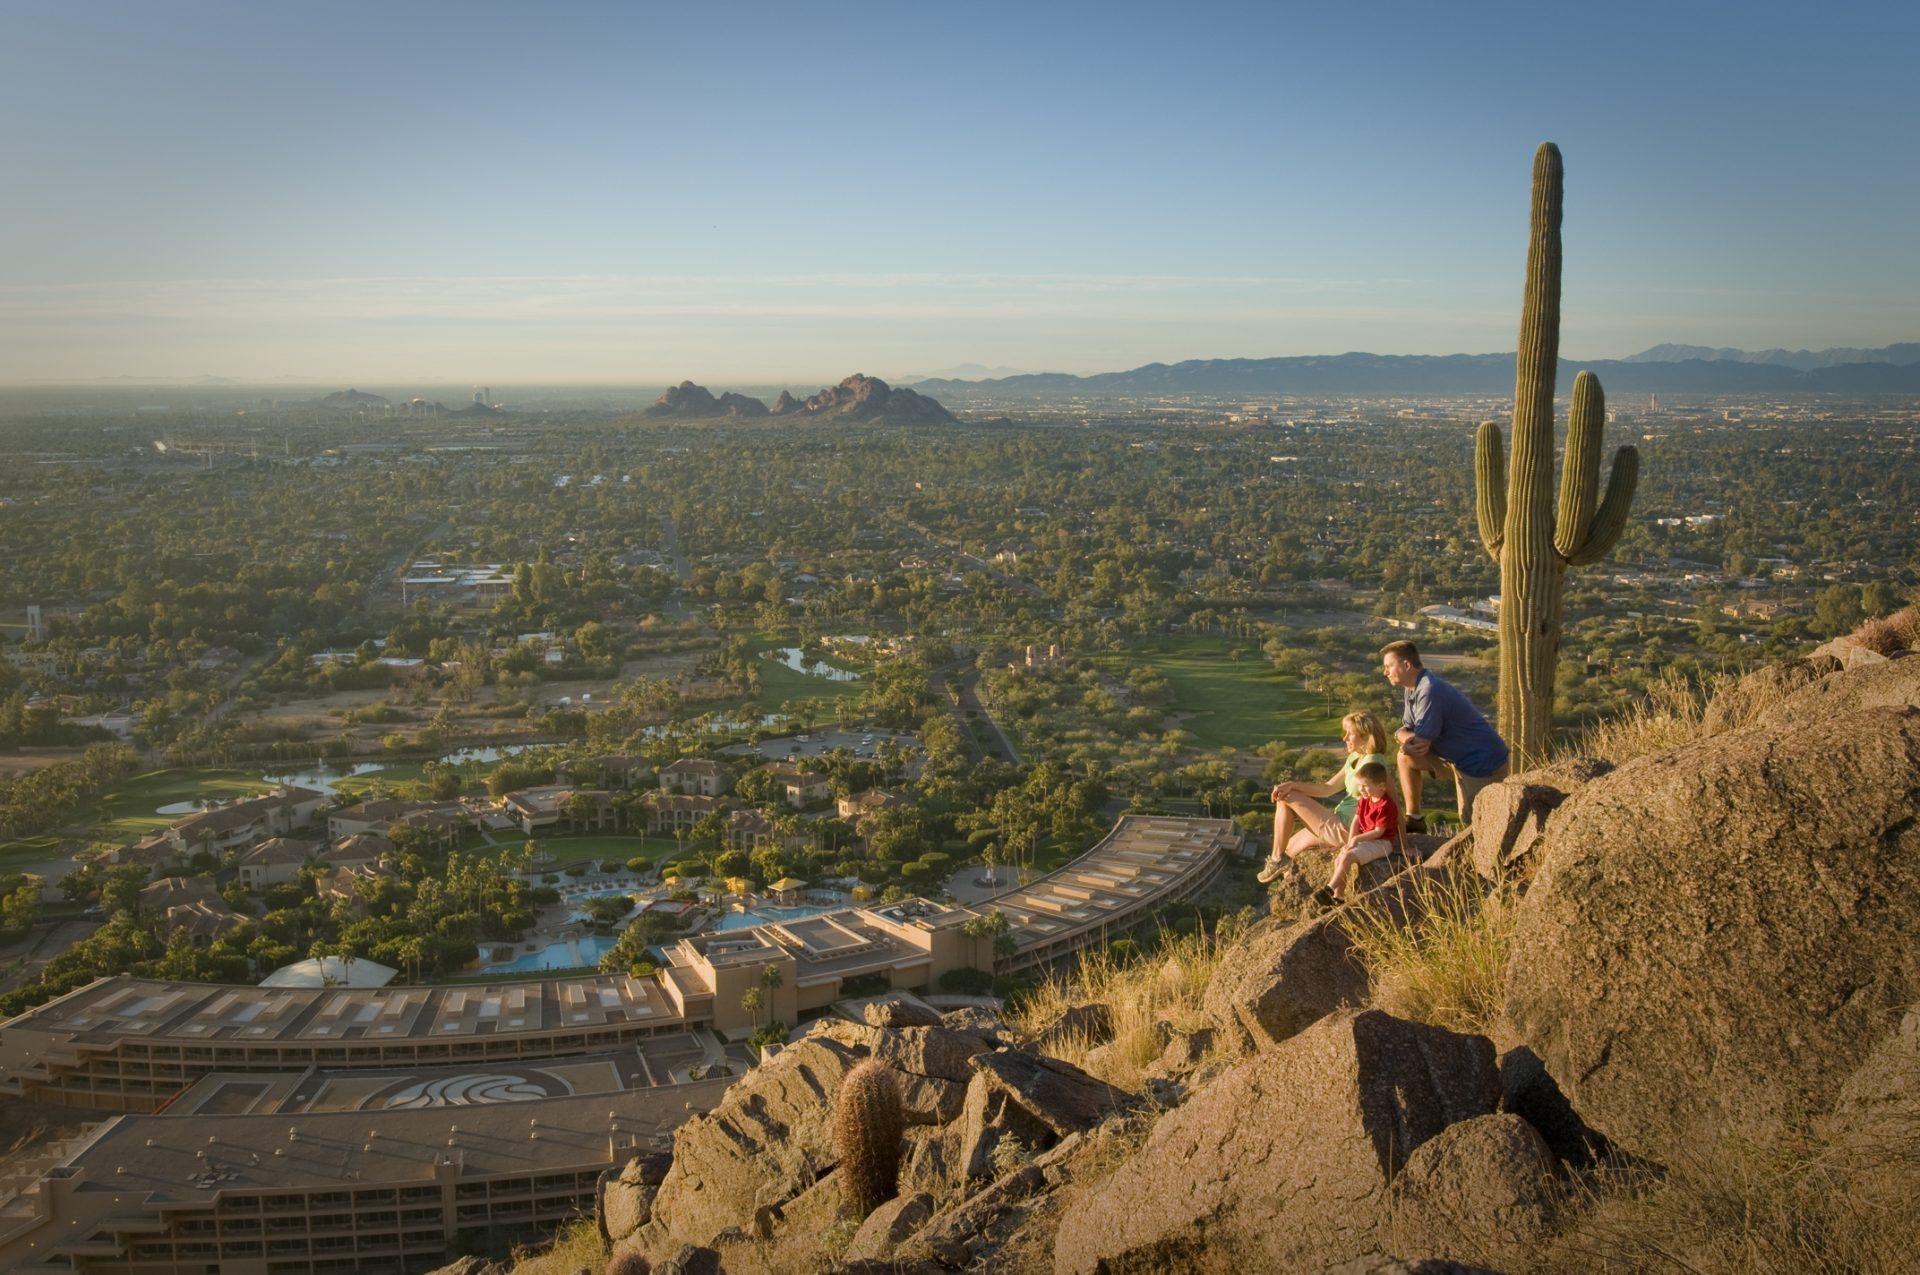 Fazer um hiking com guia do hotel e contemplar a vista de cartão postal, no coração do deserto do Arizona é uma experiência inesquecível